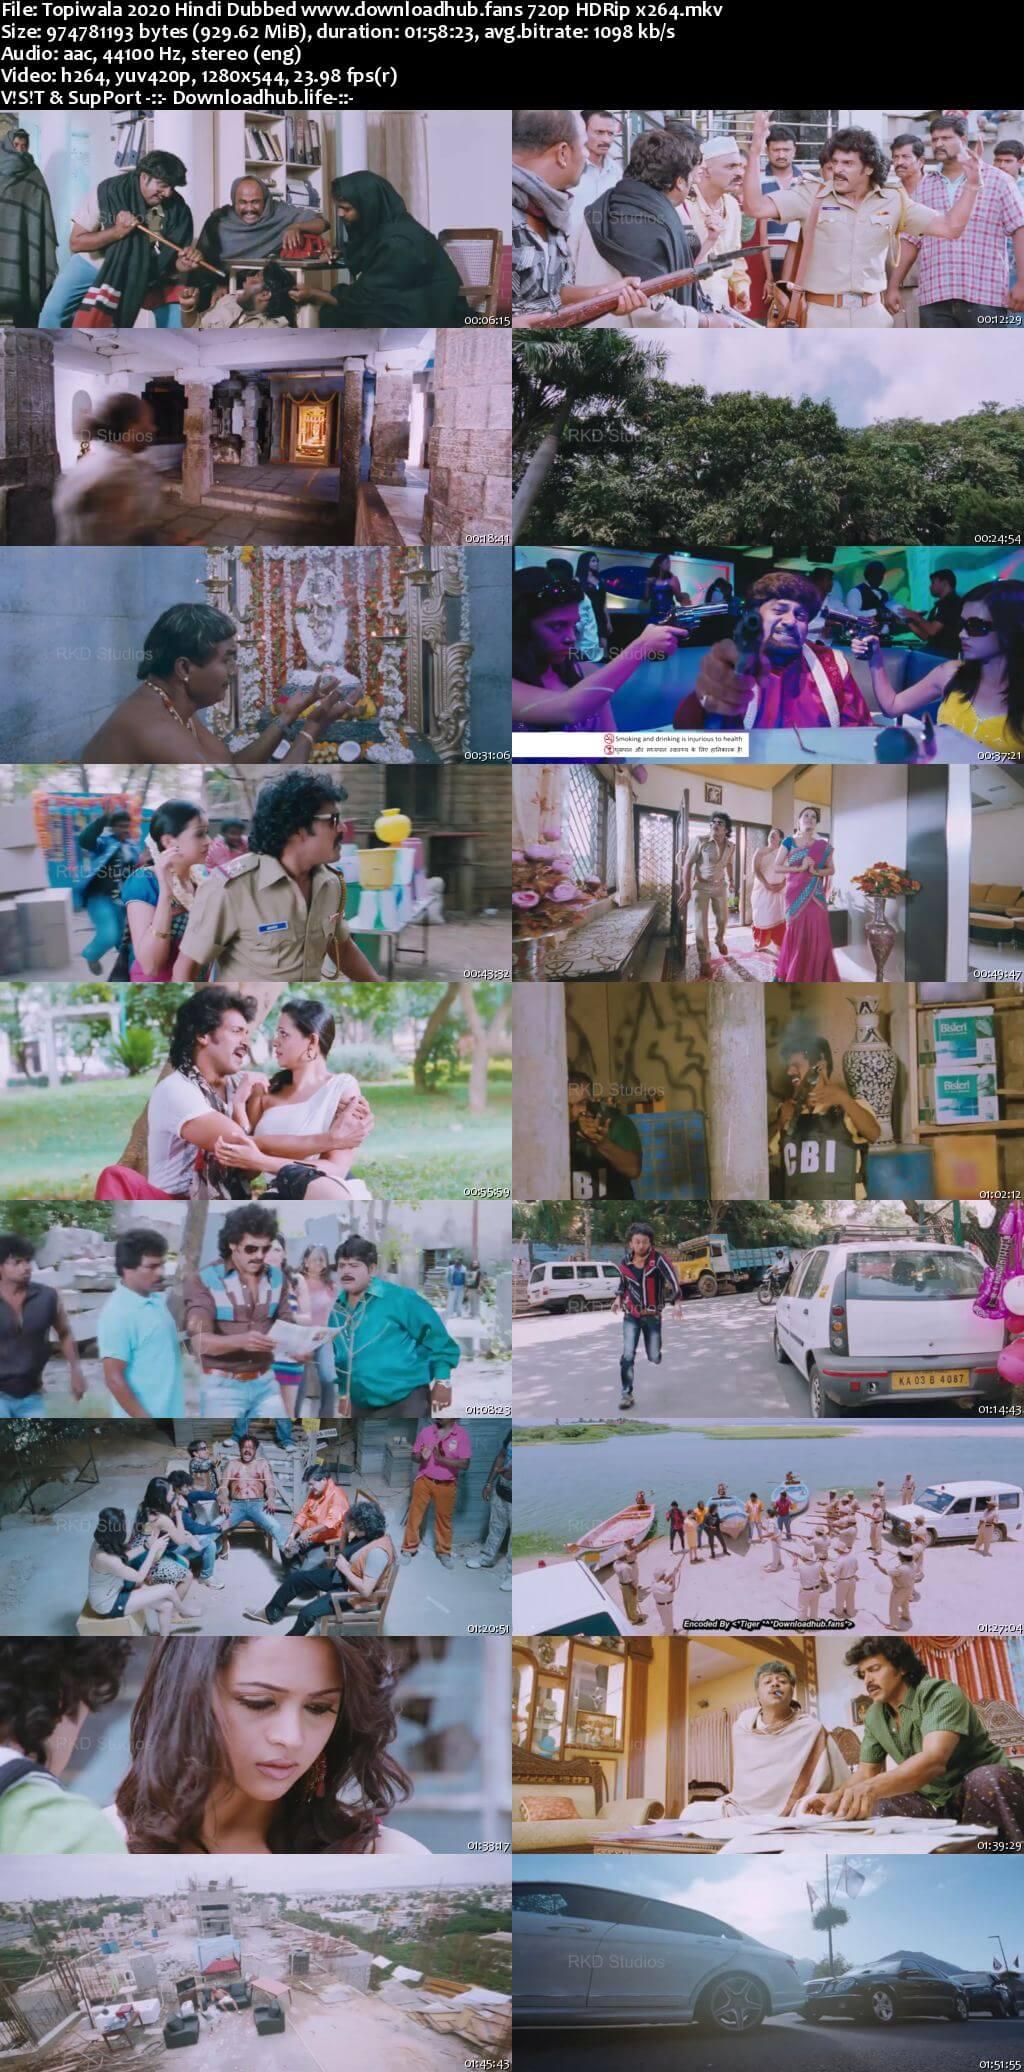 Topiwala 2020 Hindi Dubbed 720p HDRip x264